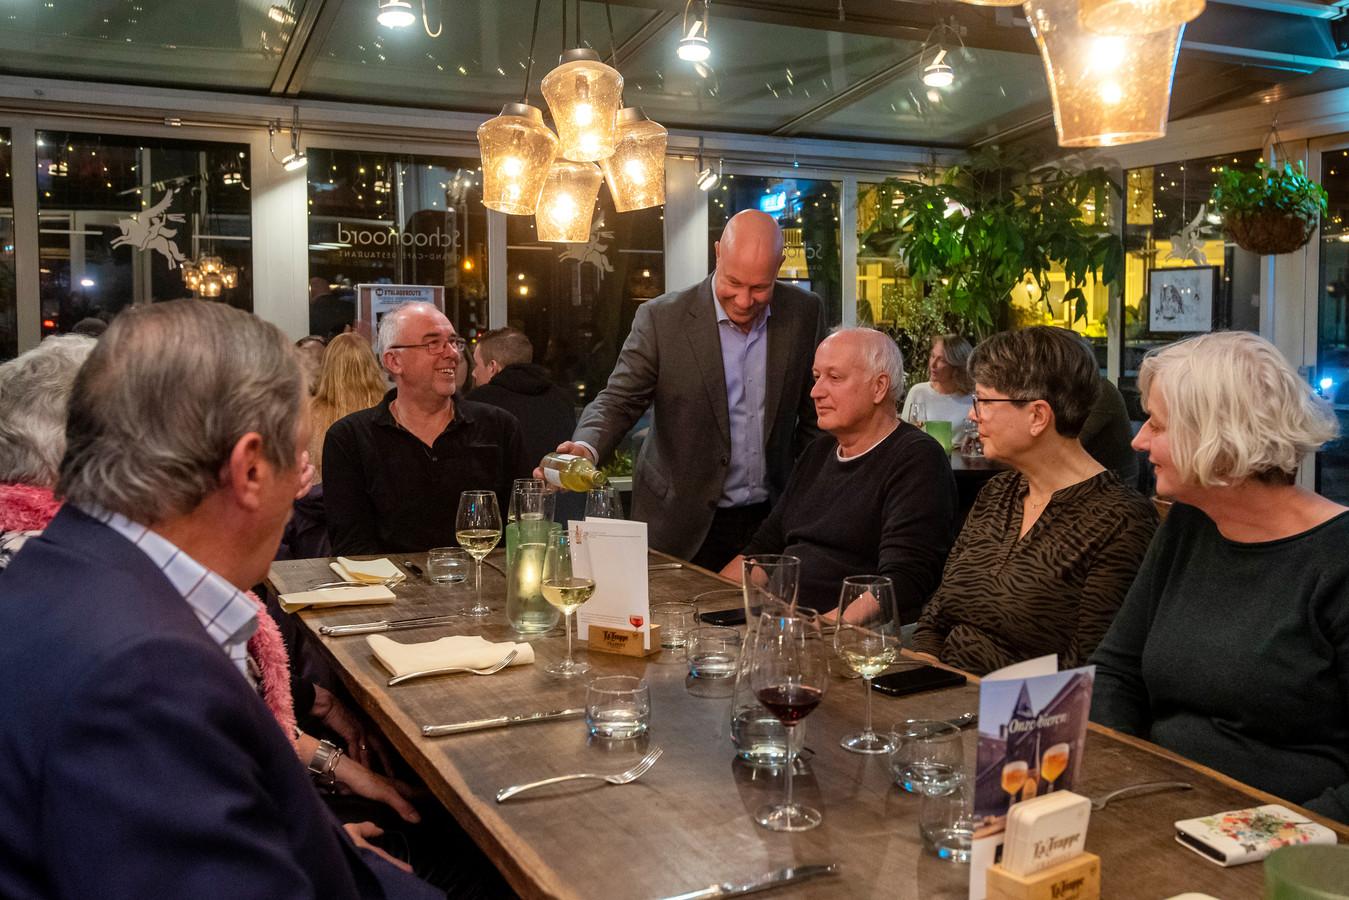 Restaurant Schoonoord in Oosterbeek.